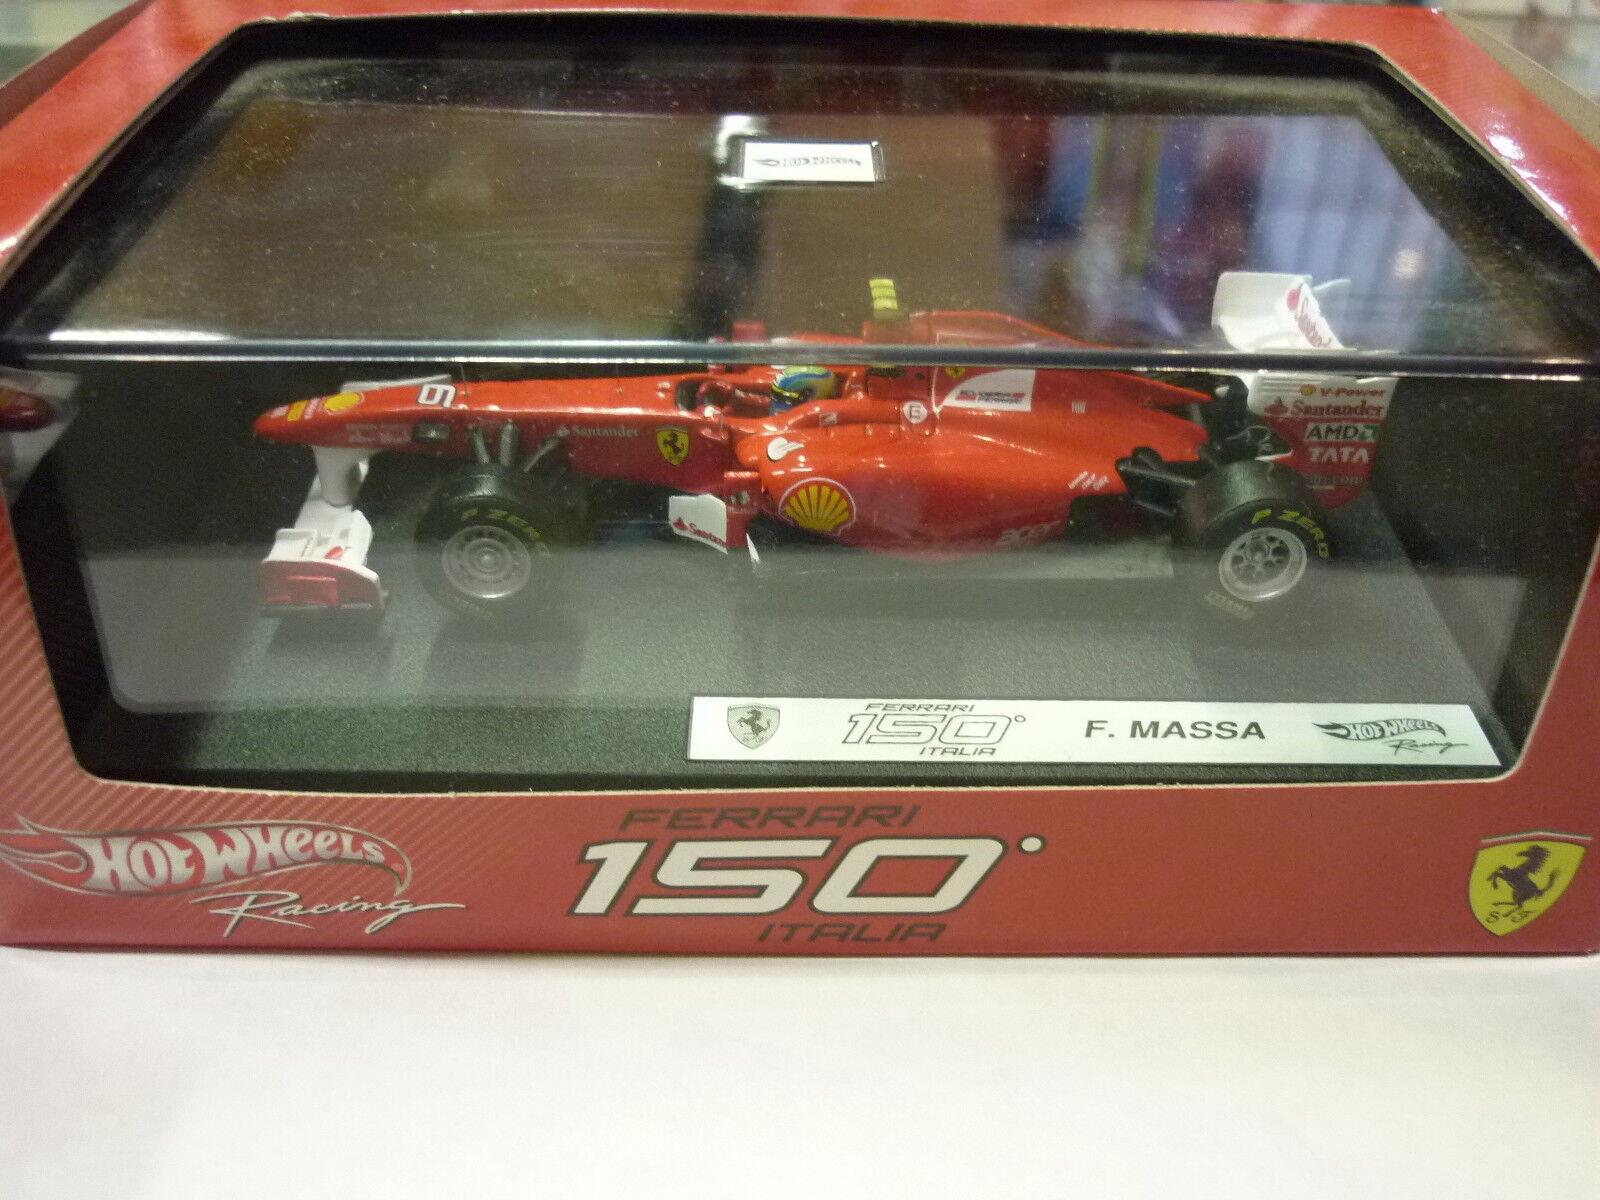 Garantía 100% de ajuste Hot wheels W1076 Ferrari Ferrari Ferrari 150ITALIA F.Massa 1 43  tienda de venta